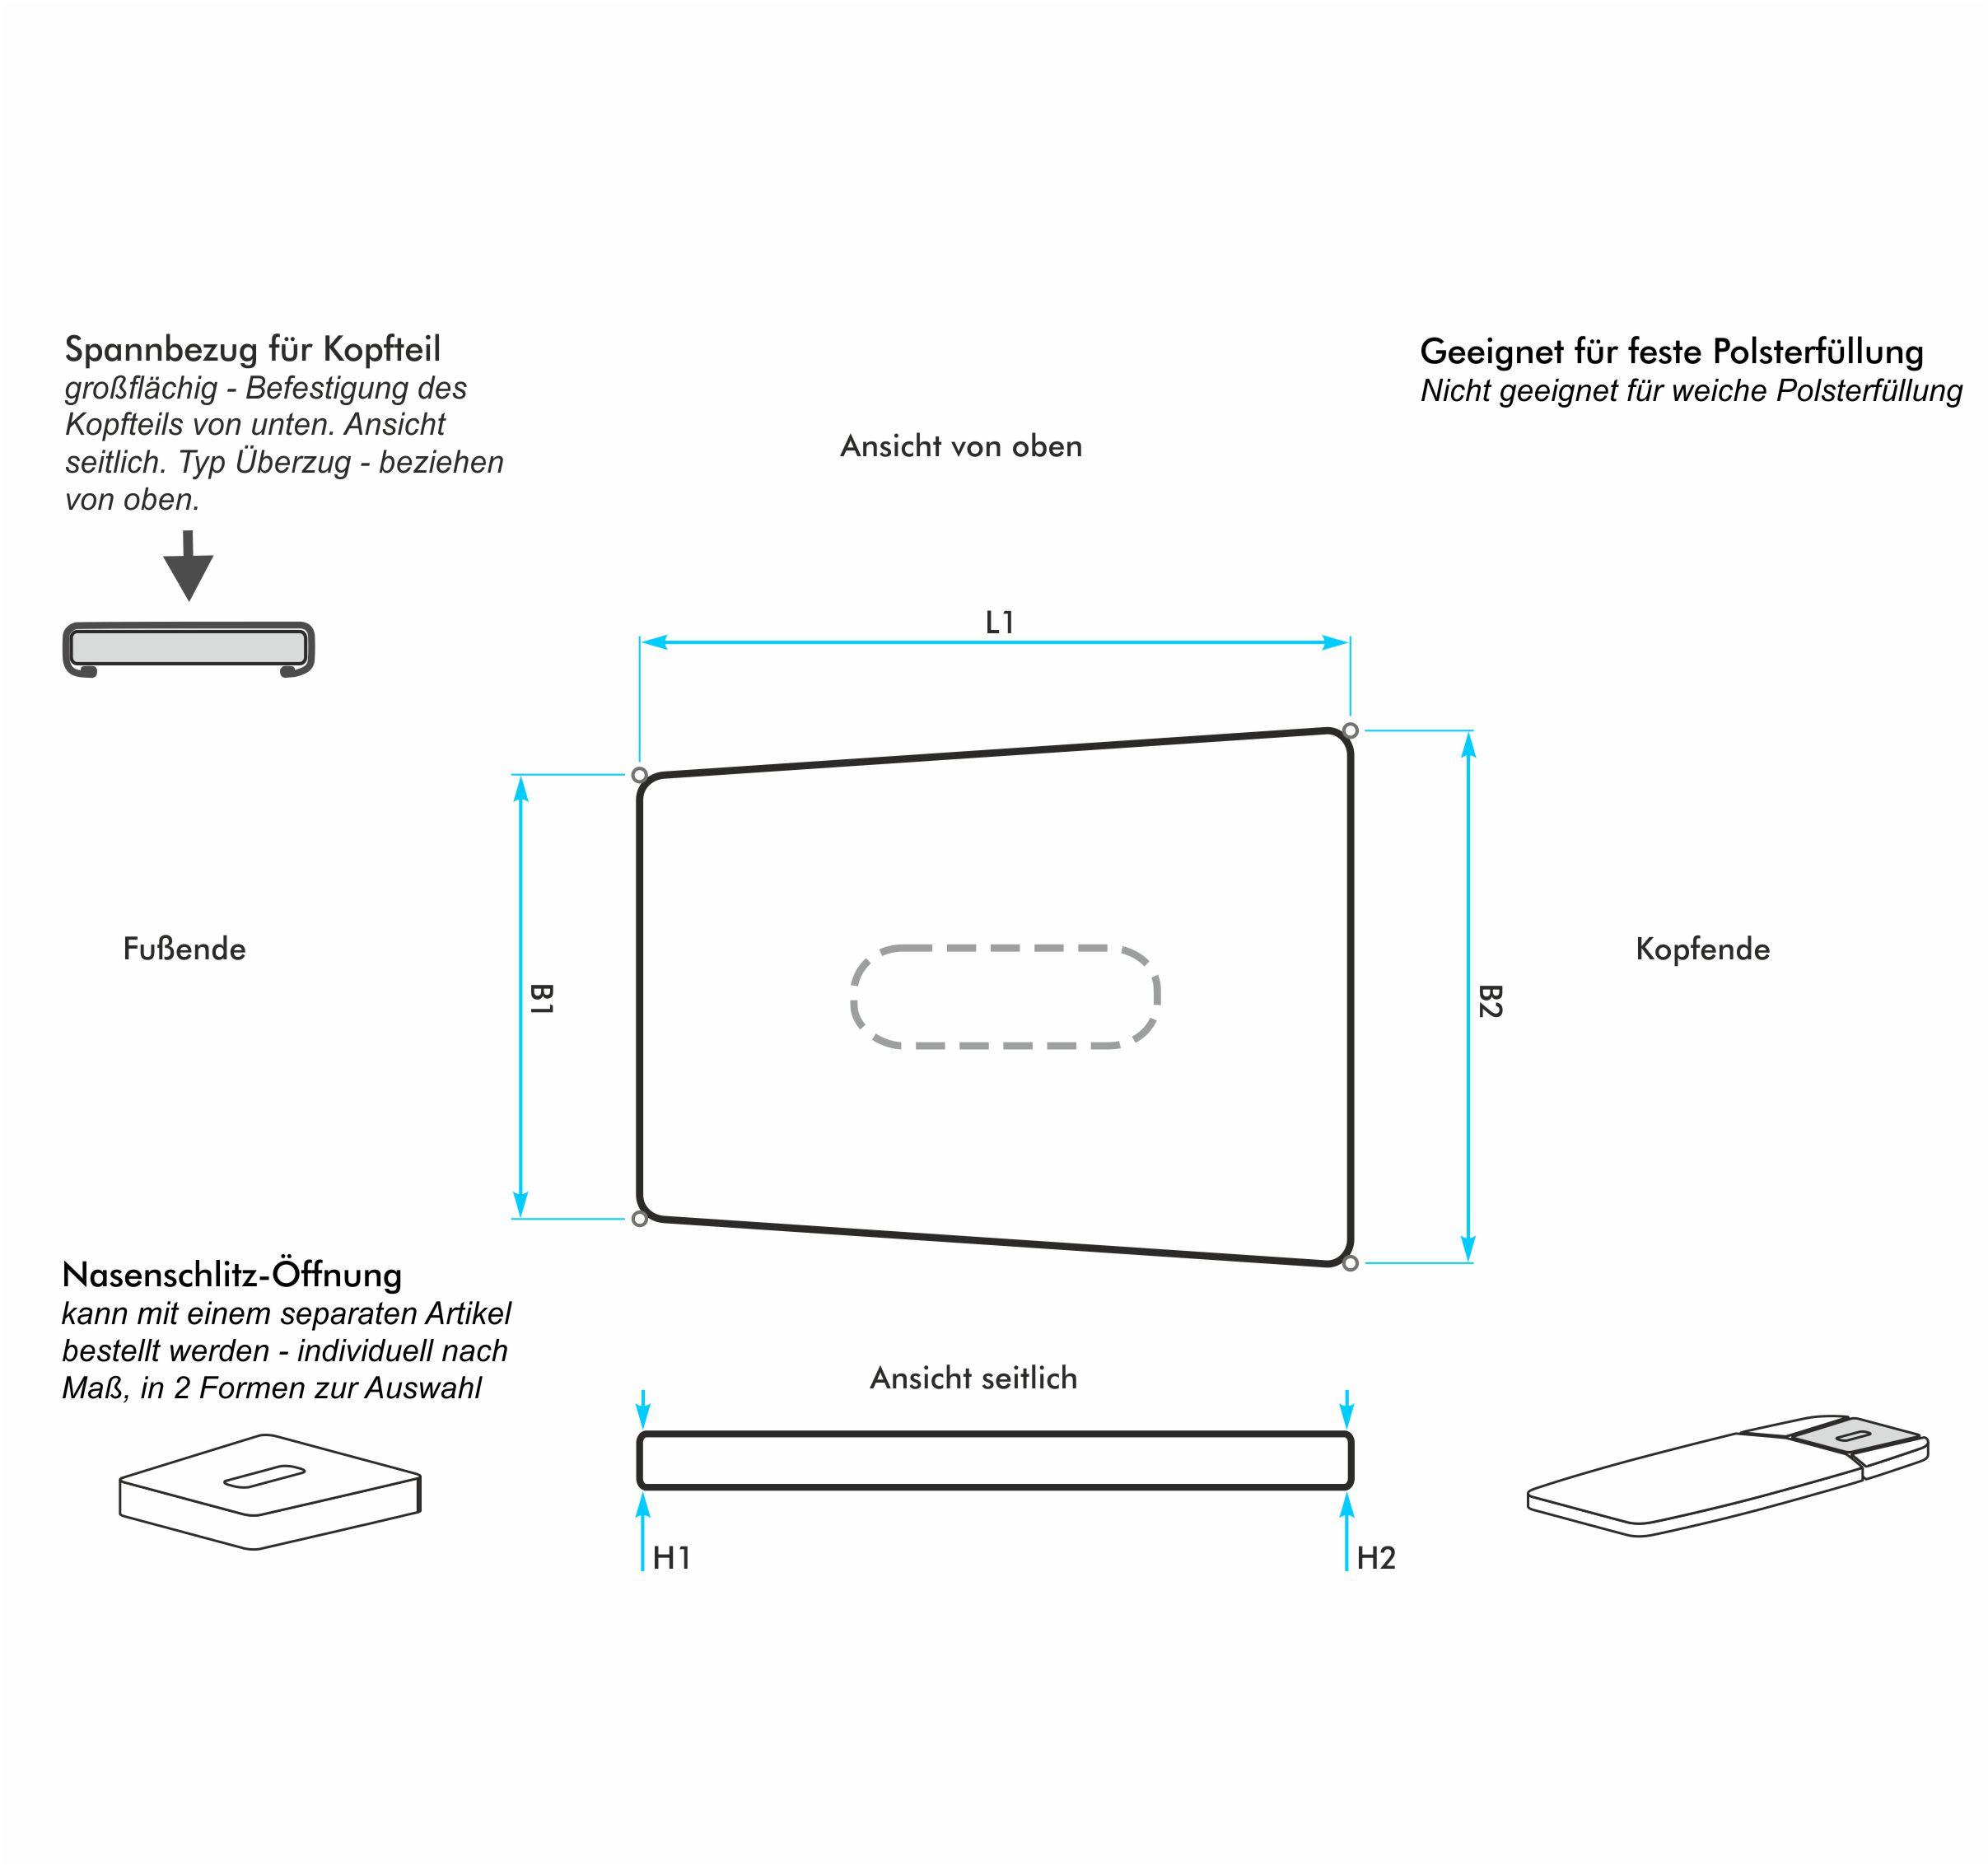 bezug nach ma f r ein trapezf rmiges kopfteil einer wellnessliege typ berzug harti frottiermoden. Black Bedroom Furniture Sets. Home Design Ideas